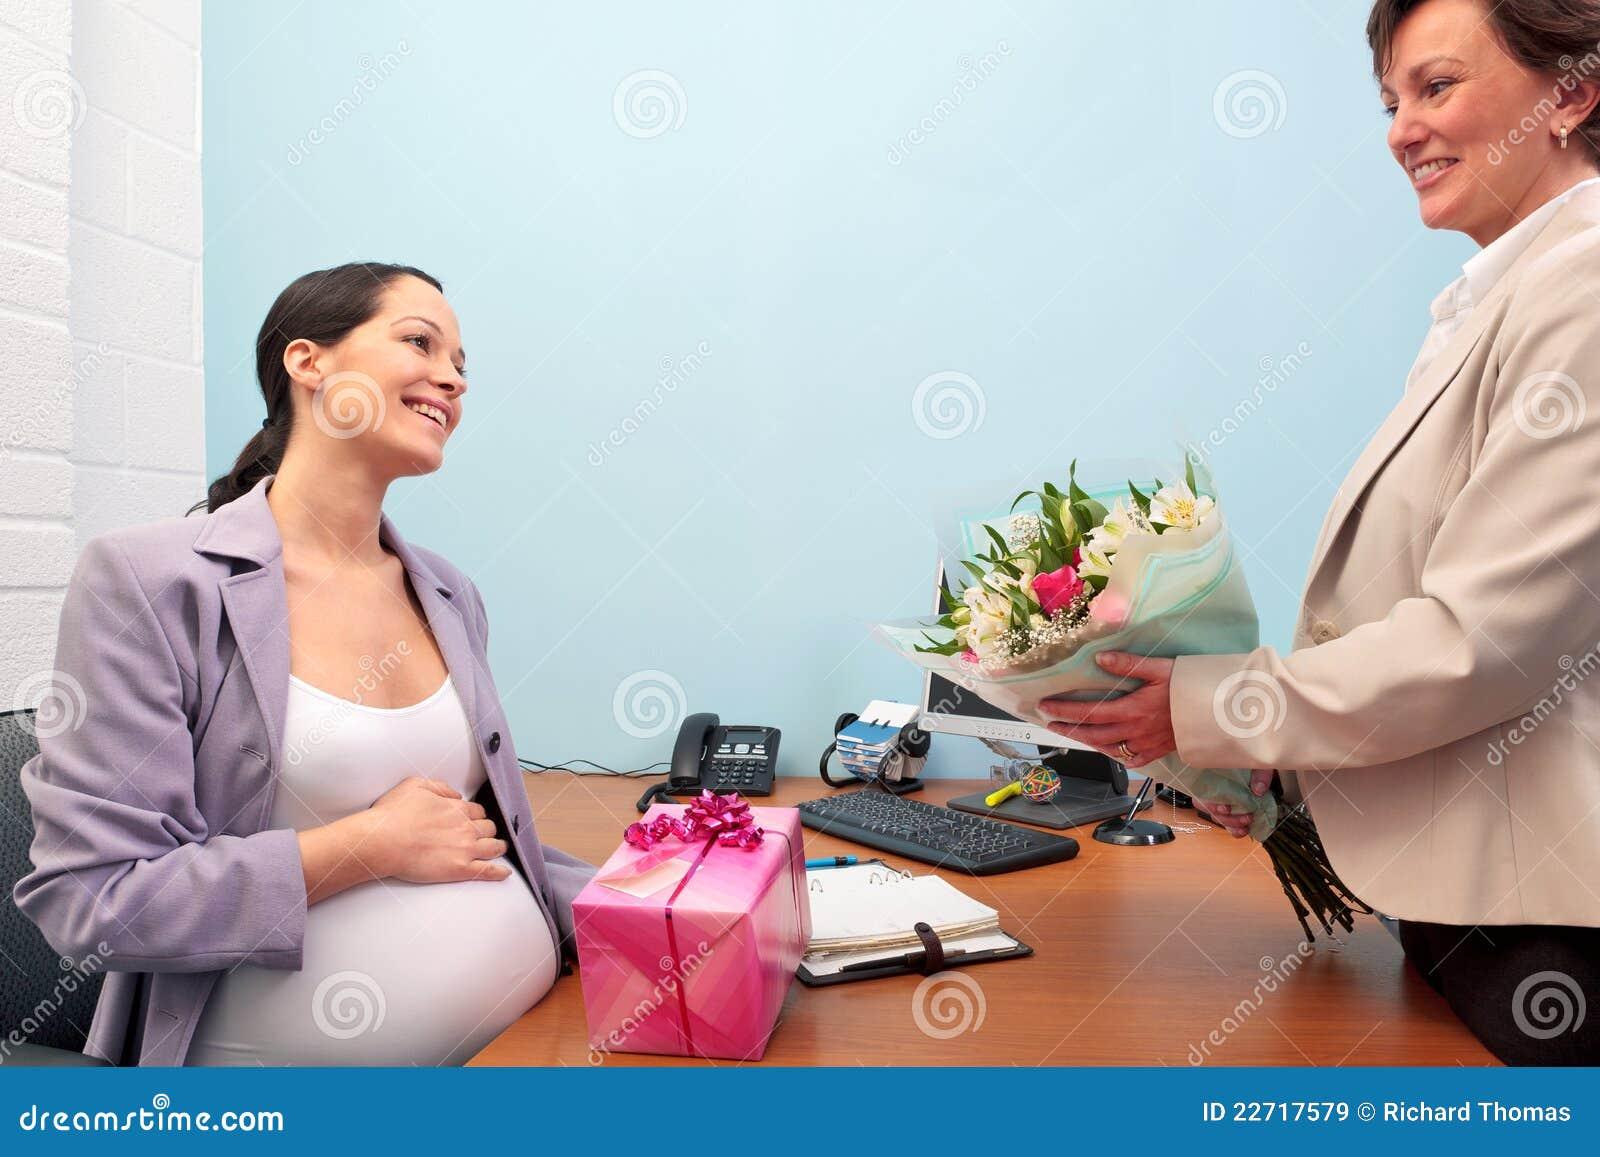 Employé de bureau enceinte allant sur le congé de maternité de maternité.